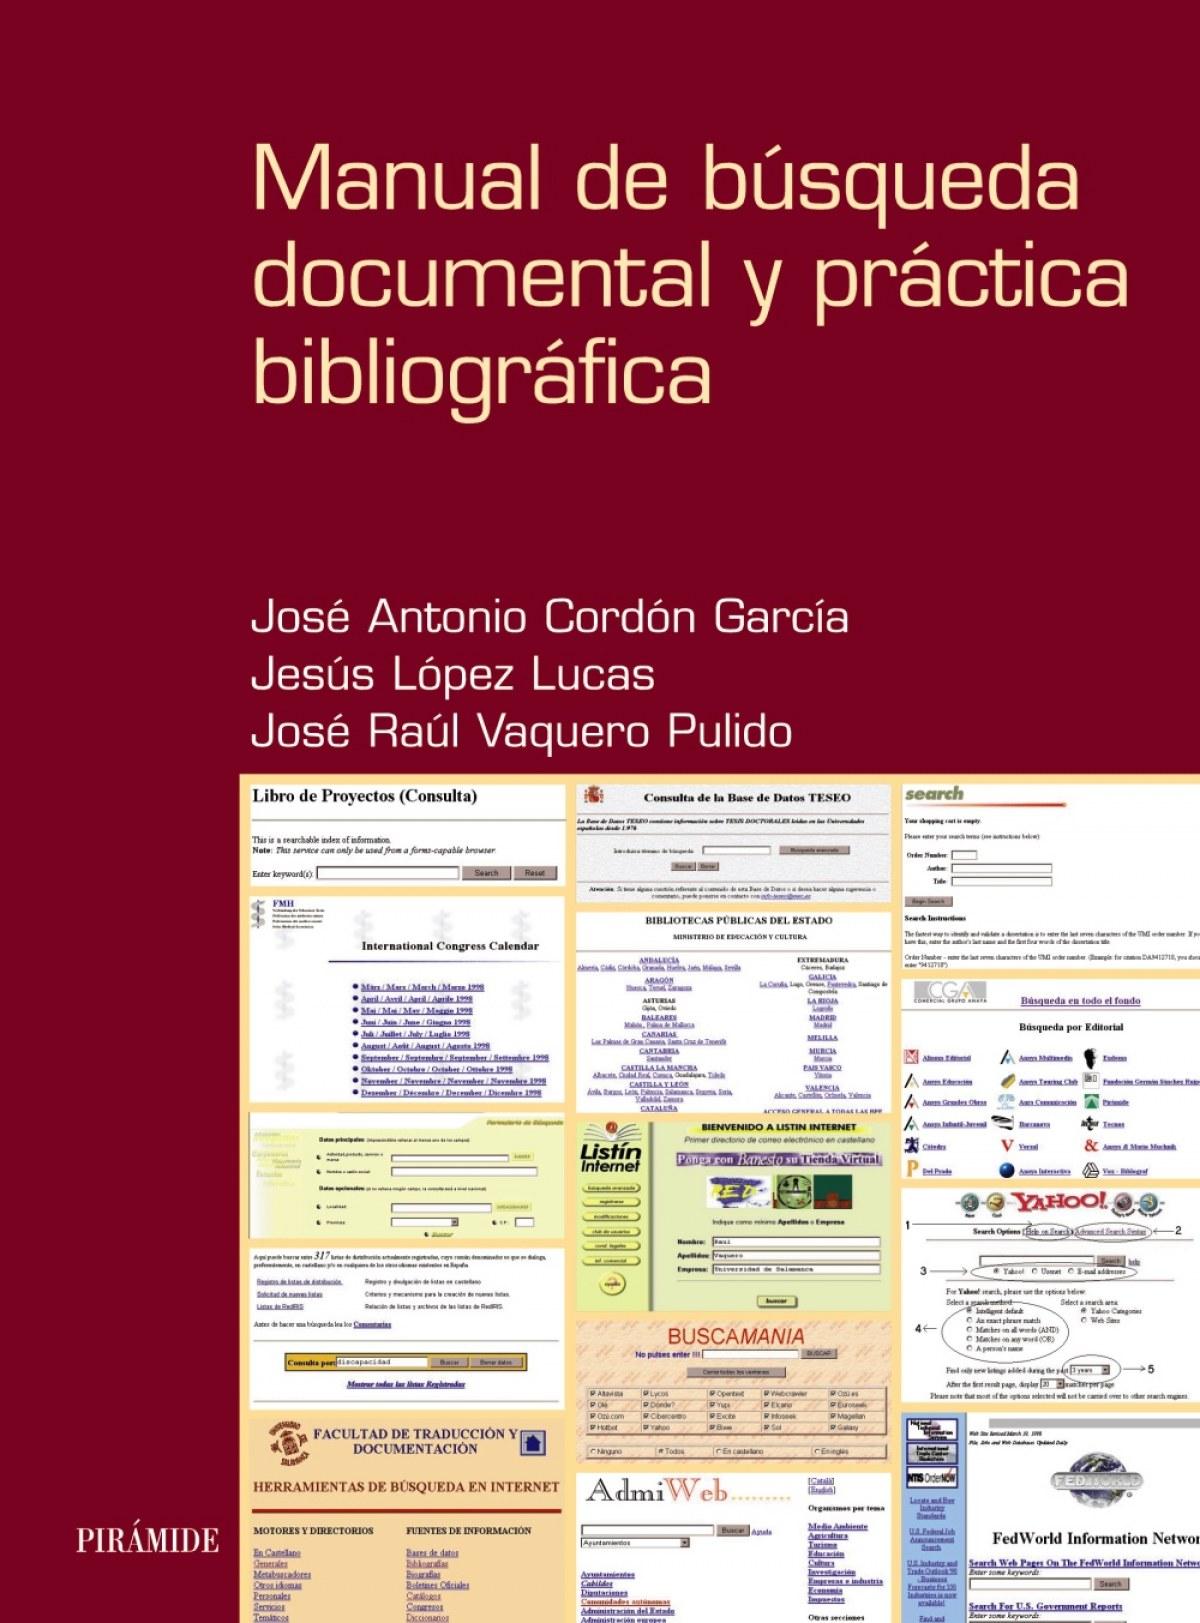 Manual de búsqueda documental y práctica bibliográfica